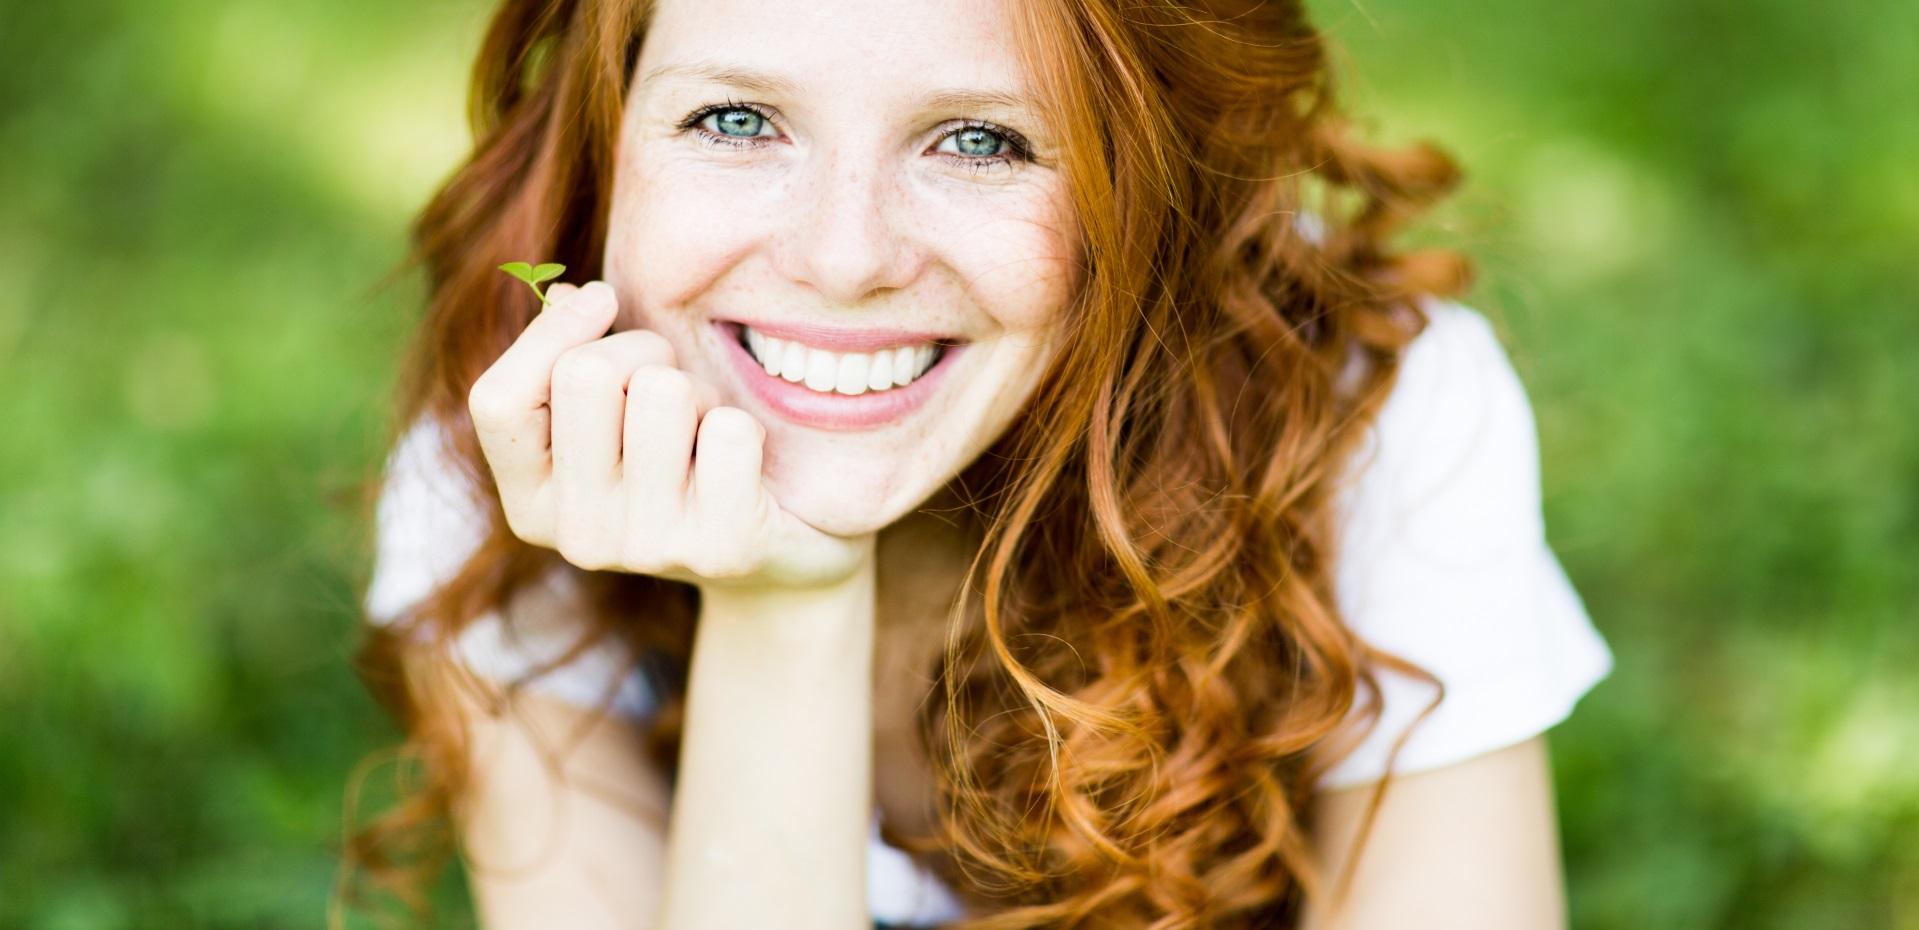 Lächelnde, rothaarige Frau